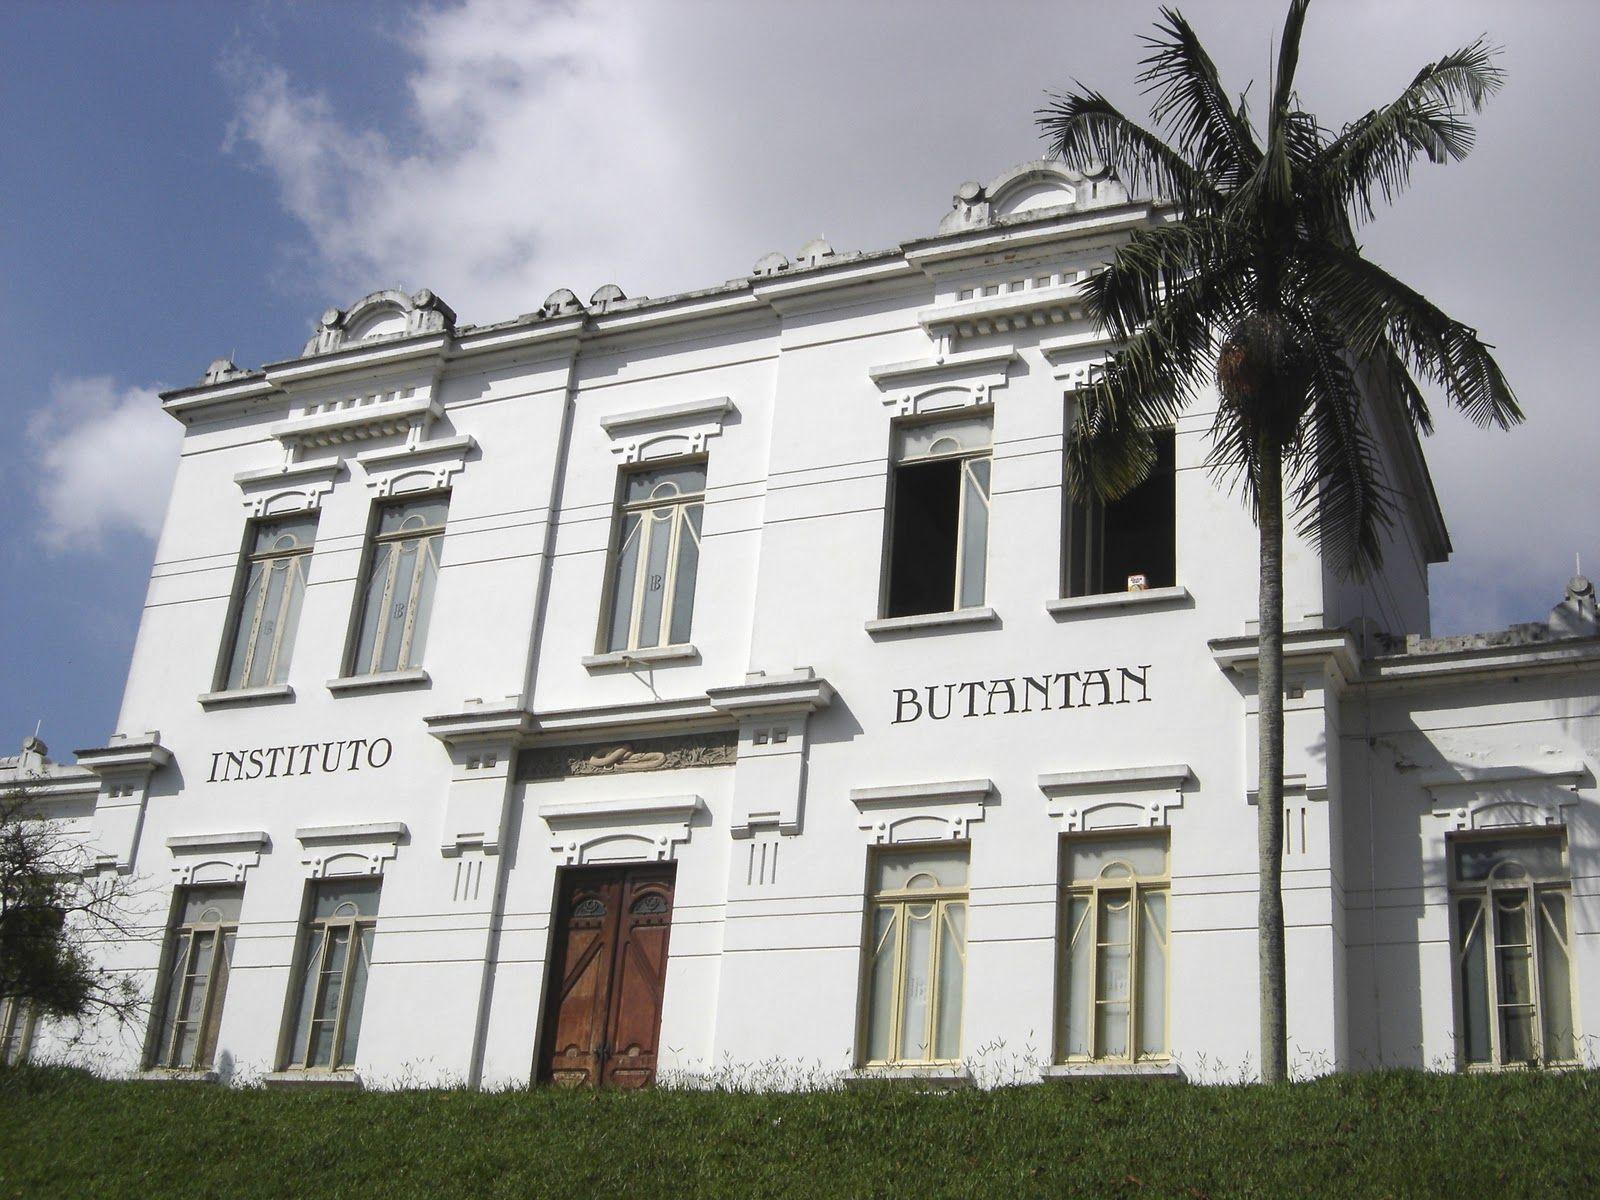 Fundado em 1901 como Instituto Serunterápico do Estado de